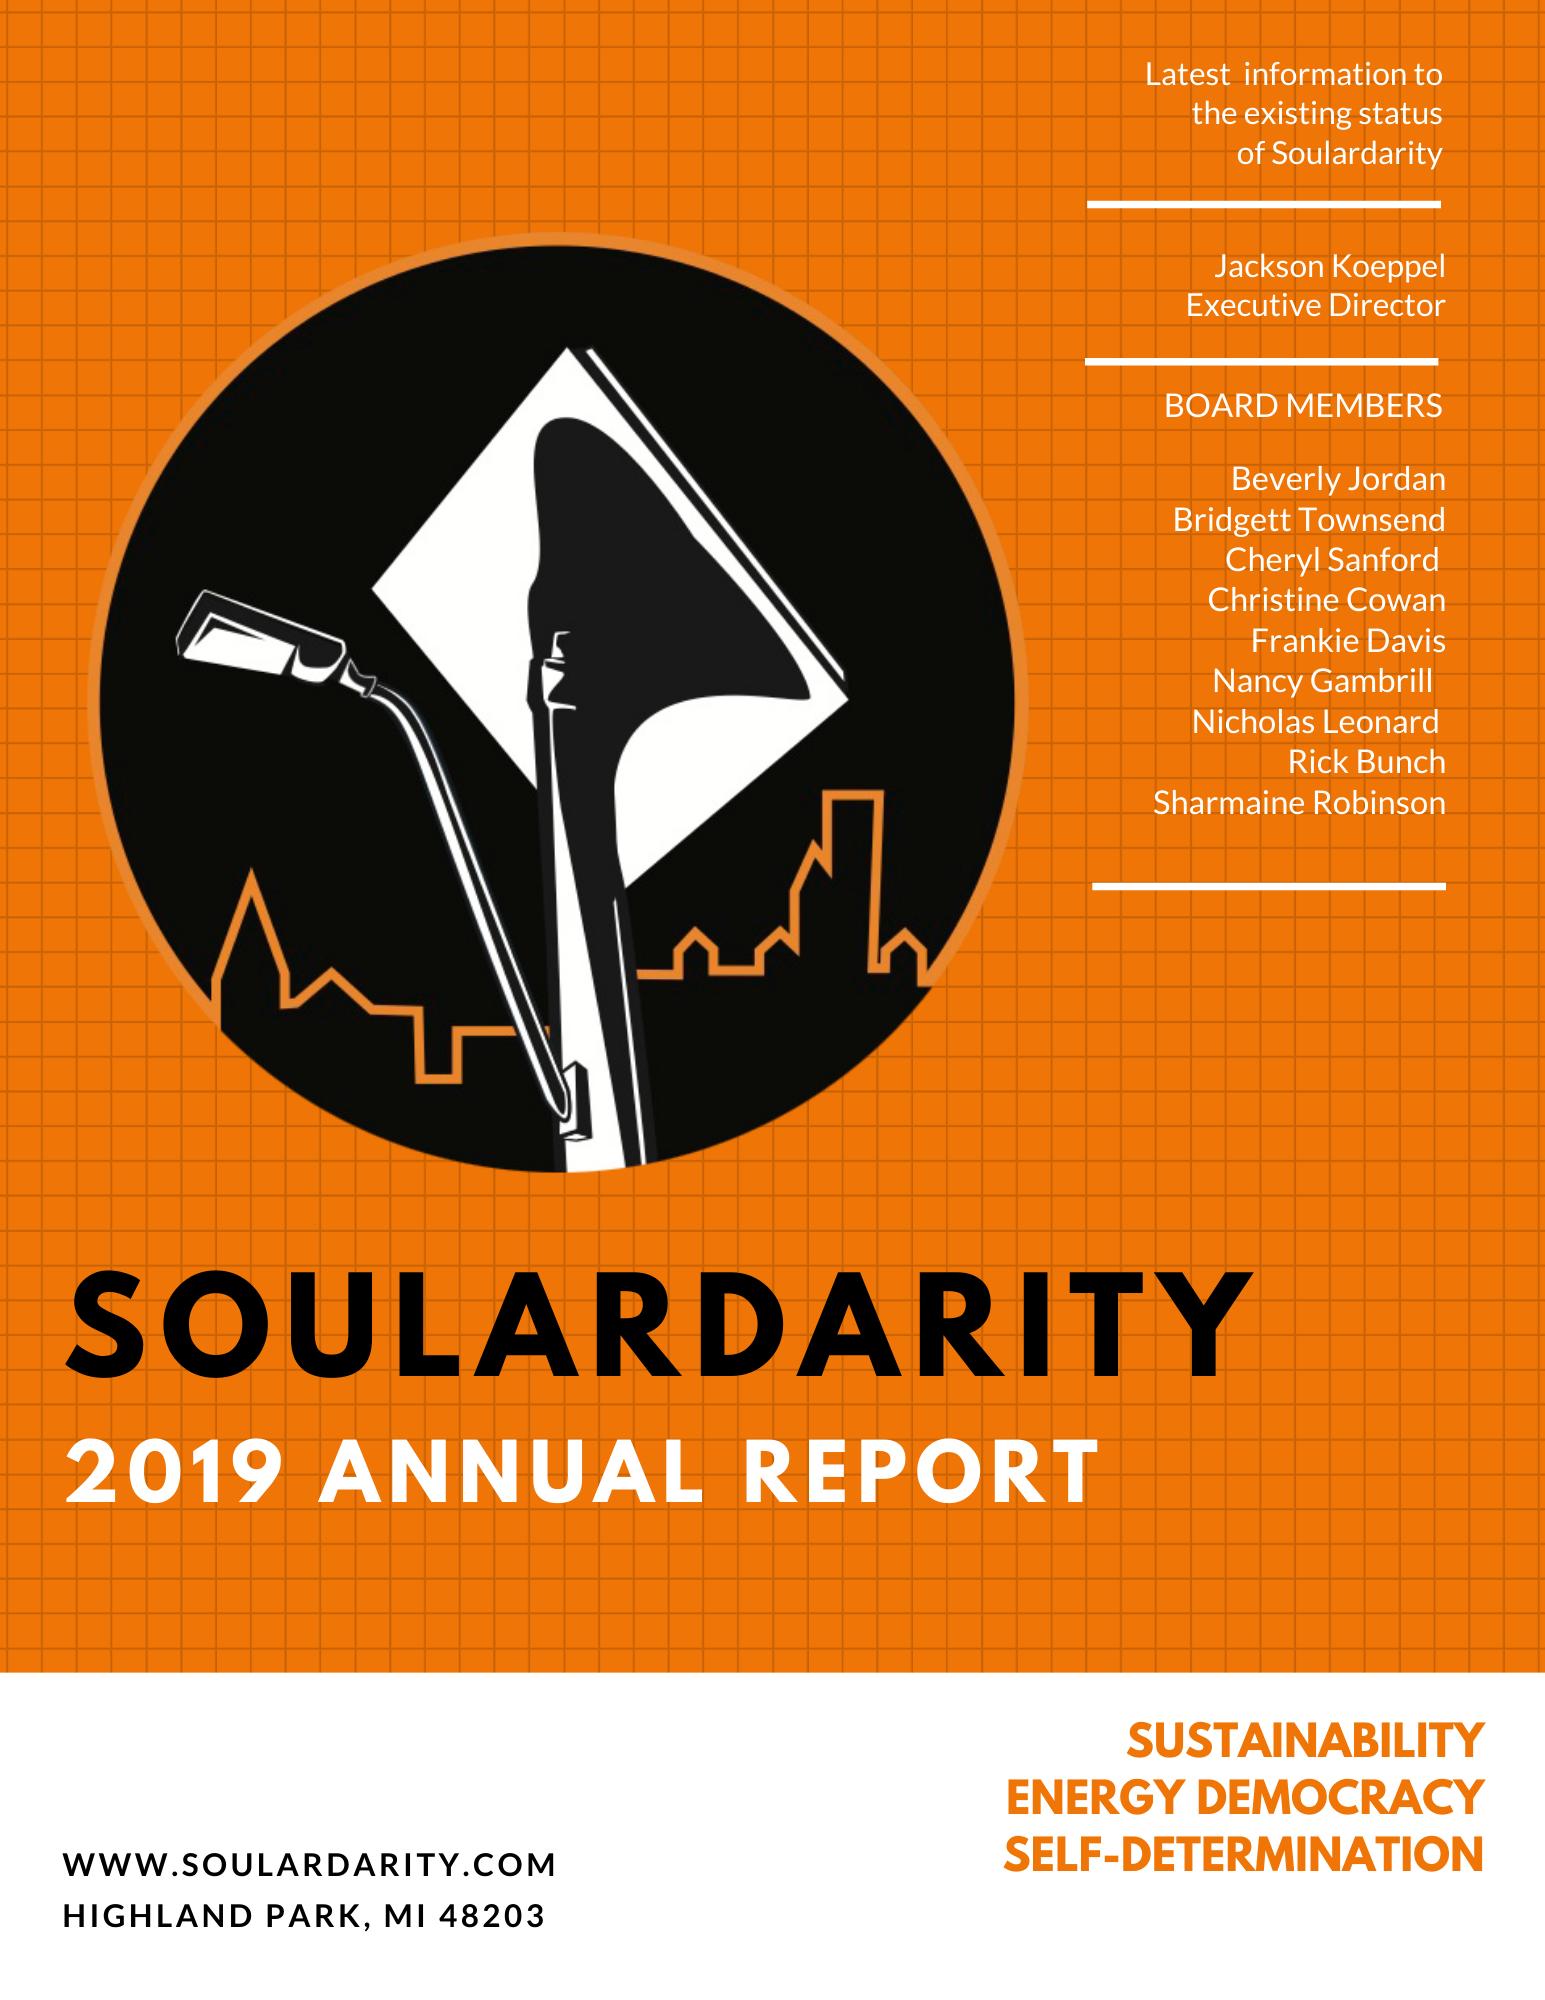 Soulardarity_2020_Annual_Report.png